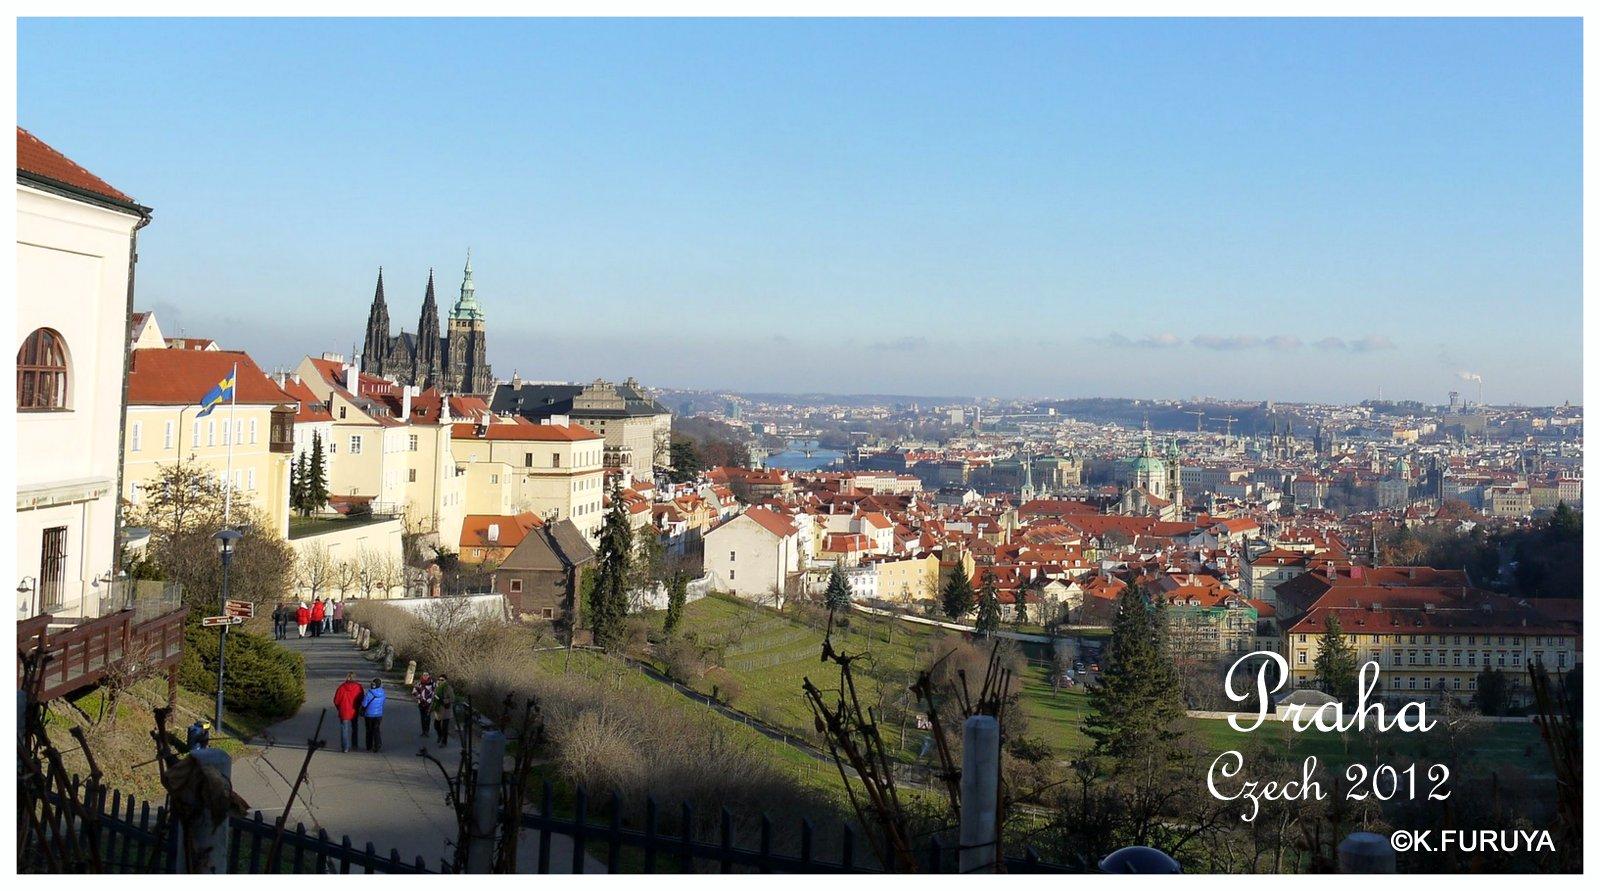 プラハ 1  ストラホフ修道院_a0092659_1716379.jpg